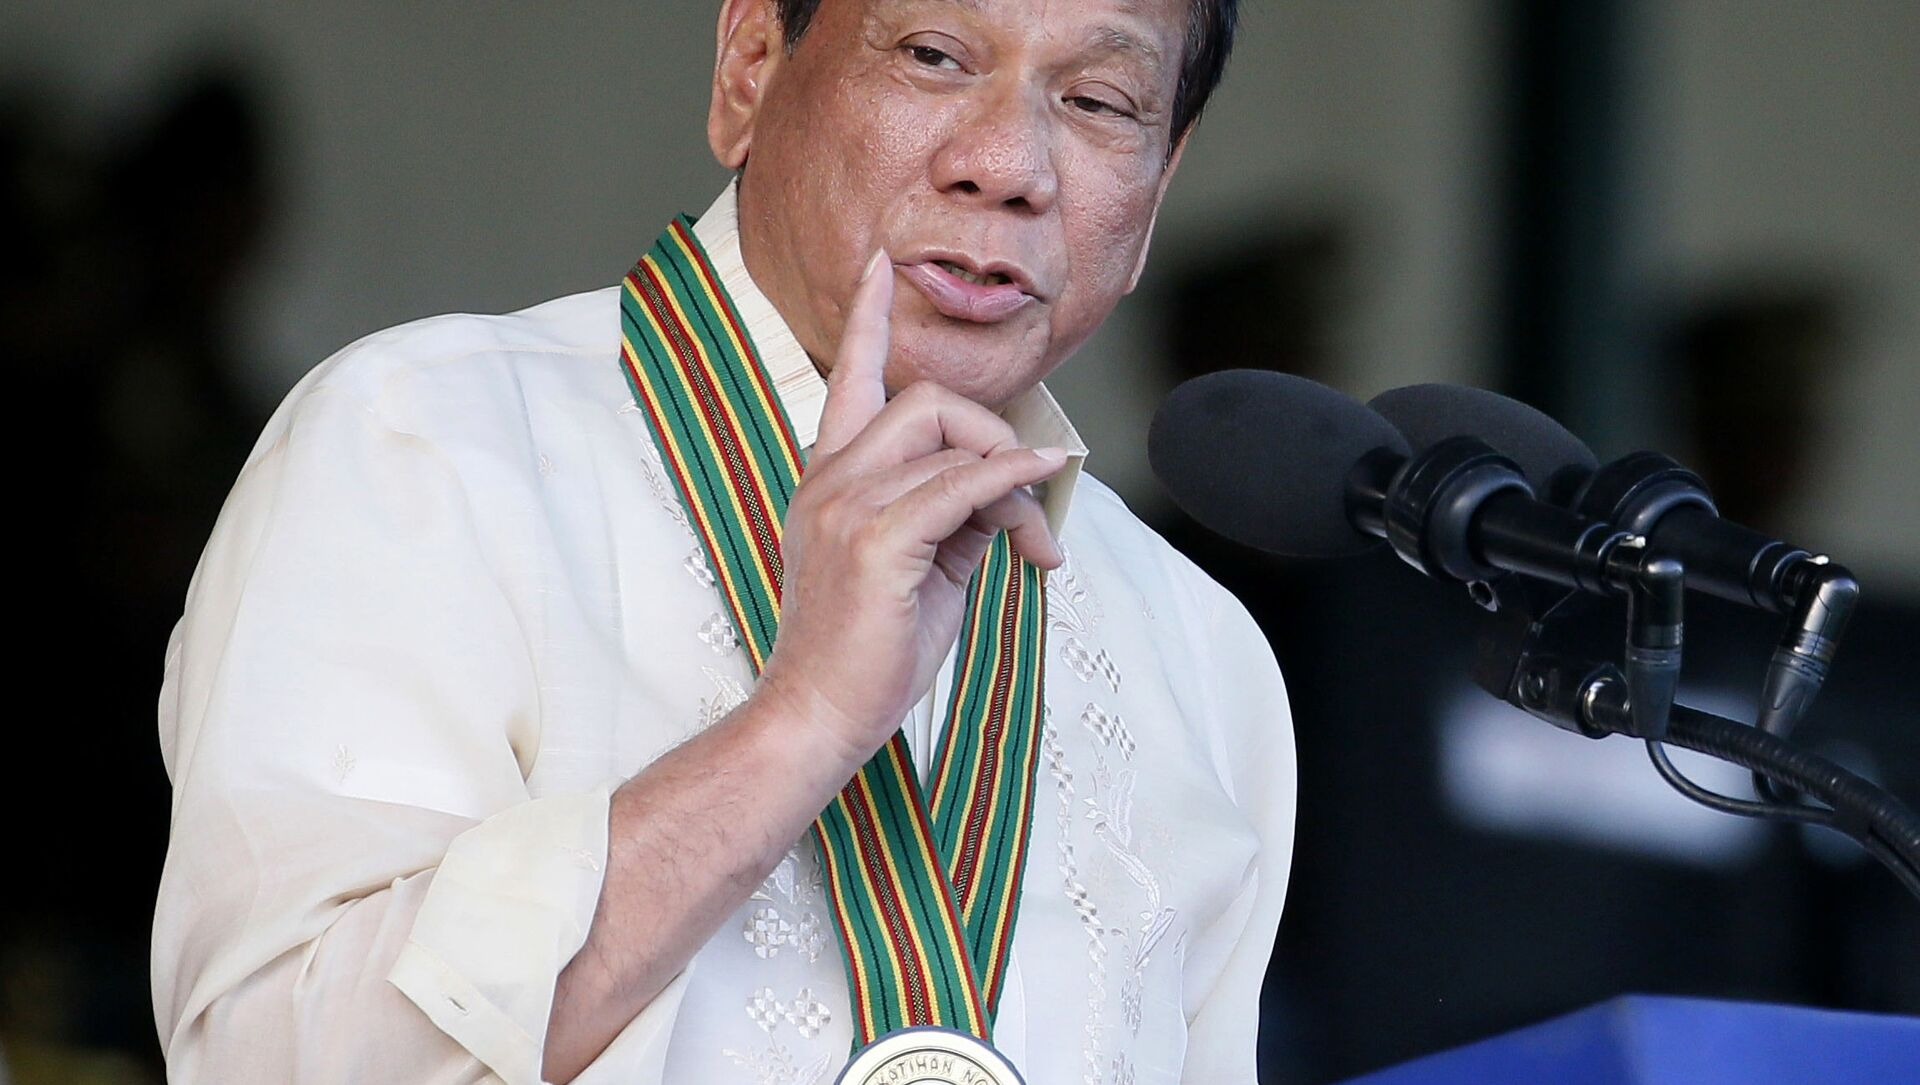 Il presidente delle Filippine Rodrigo Duterte  - Sputnik Italia, 1920, 11.05.2021